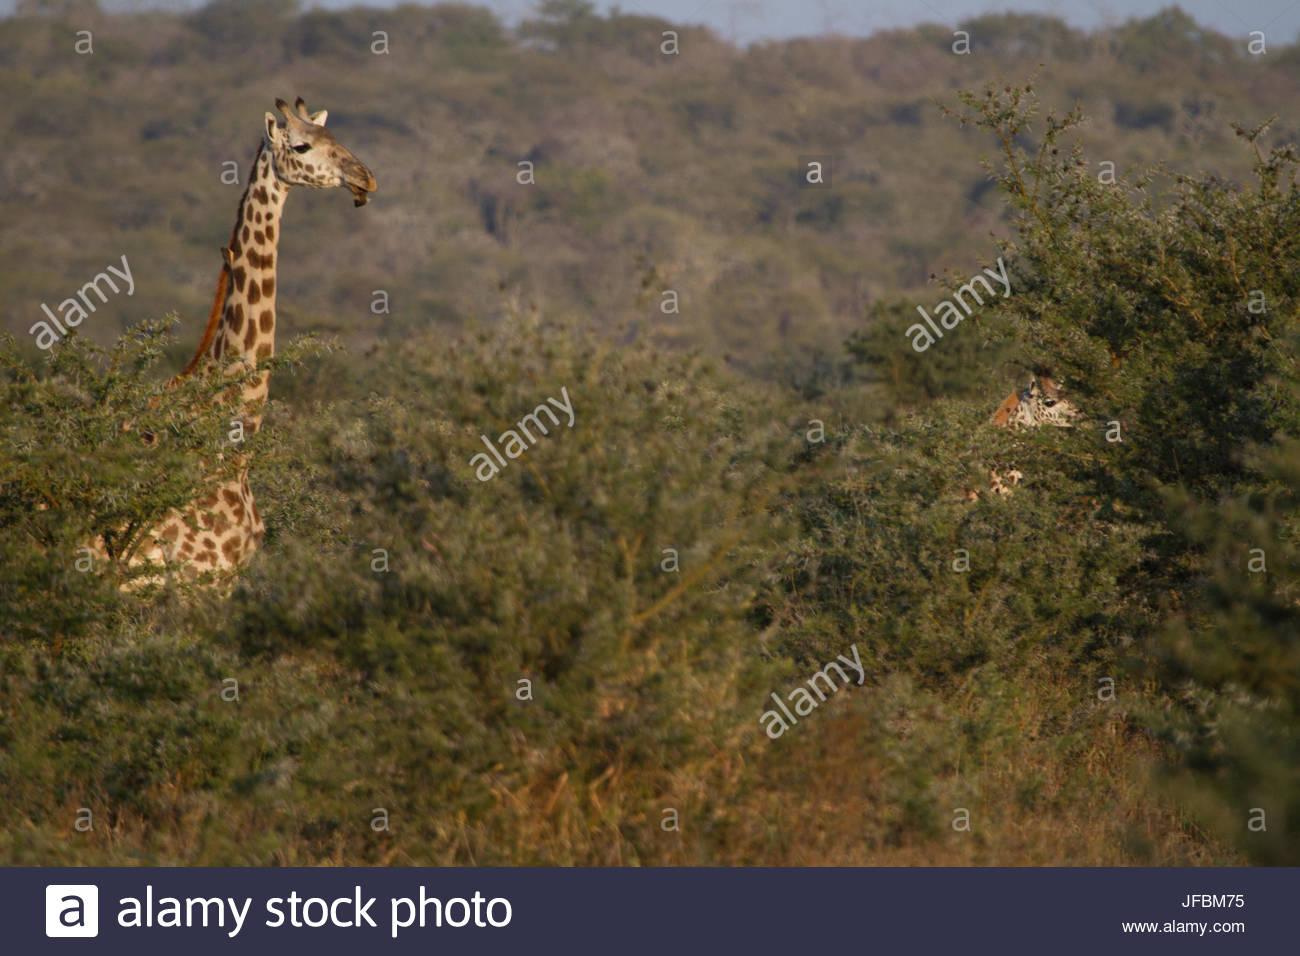 Eine Giraffe, Kopf über die Baumwipfel auf der Massai-Steppe. Stockbild